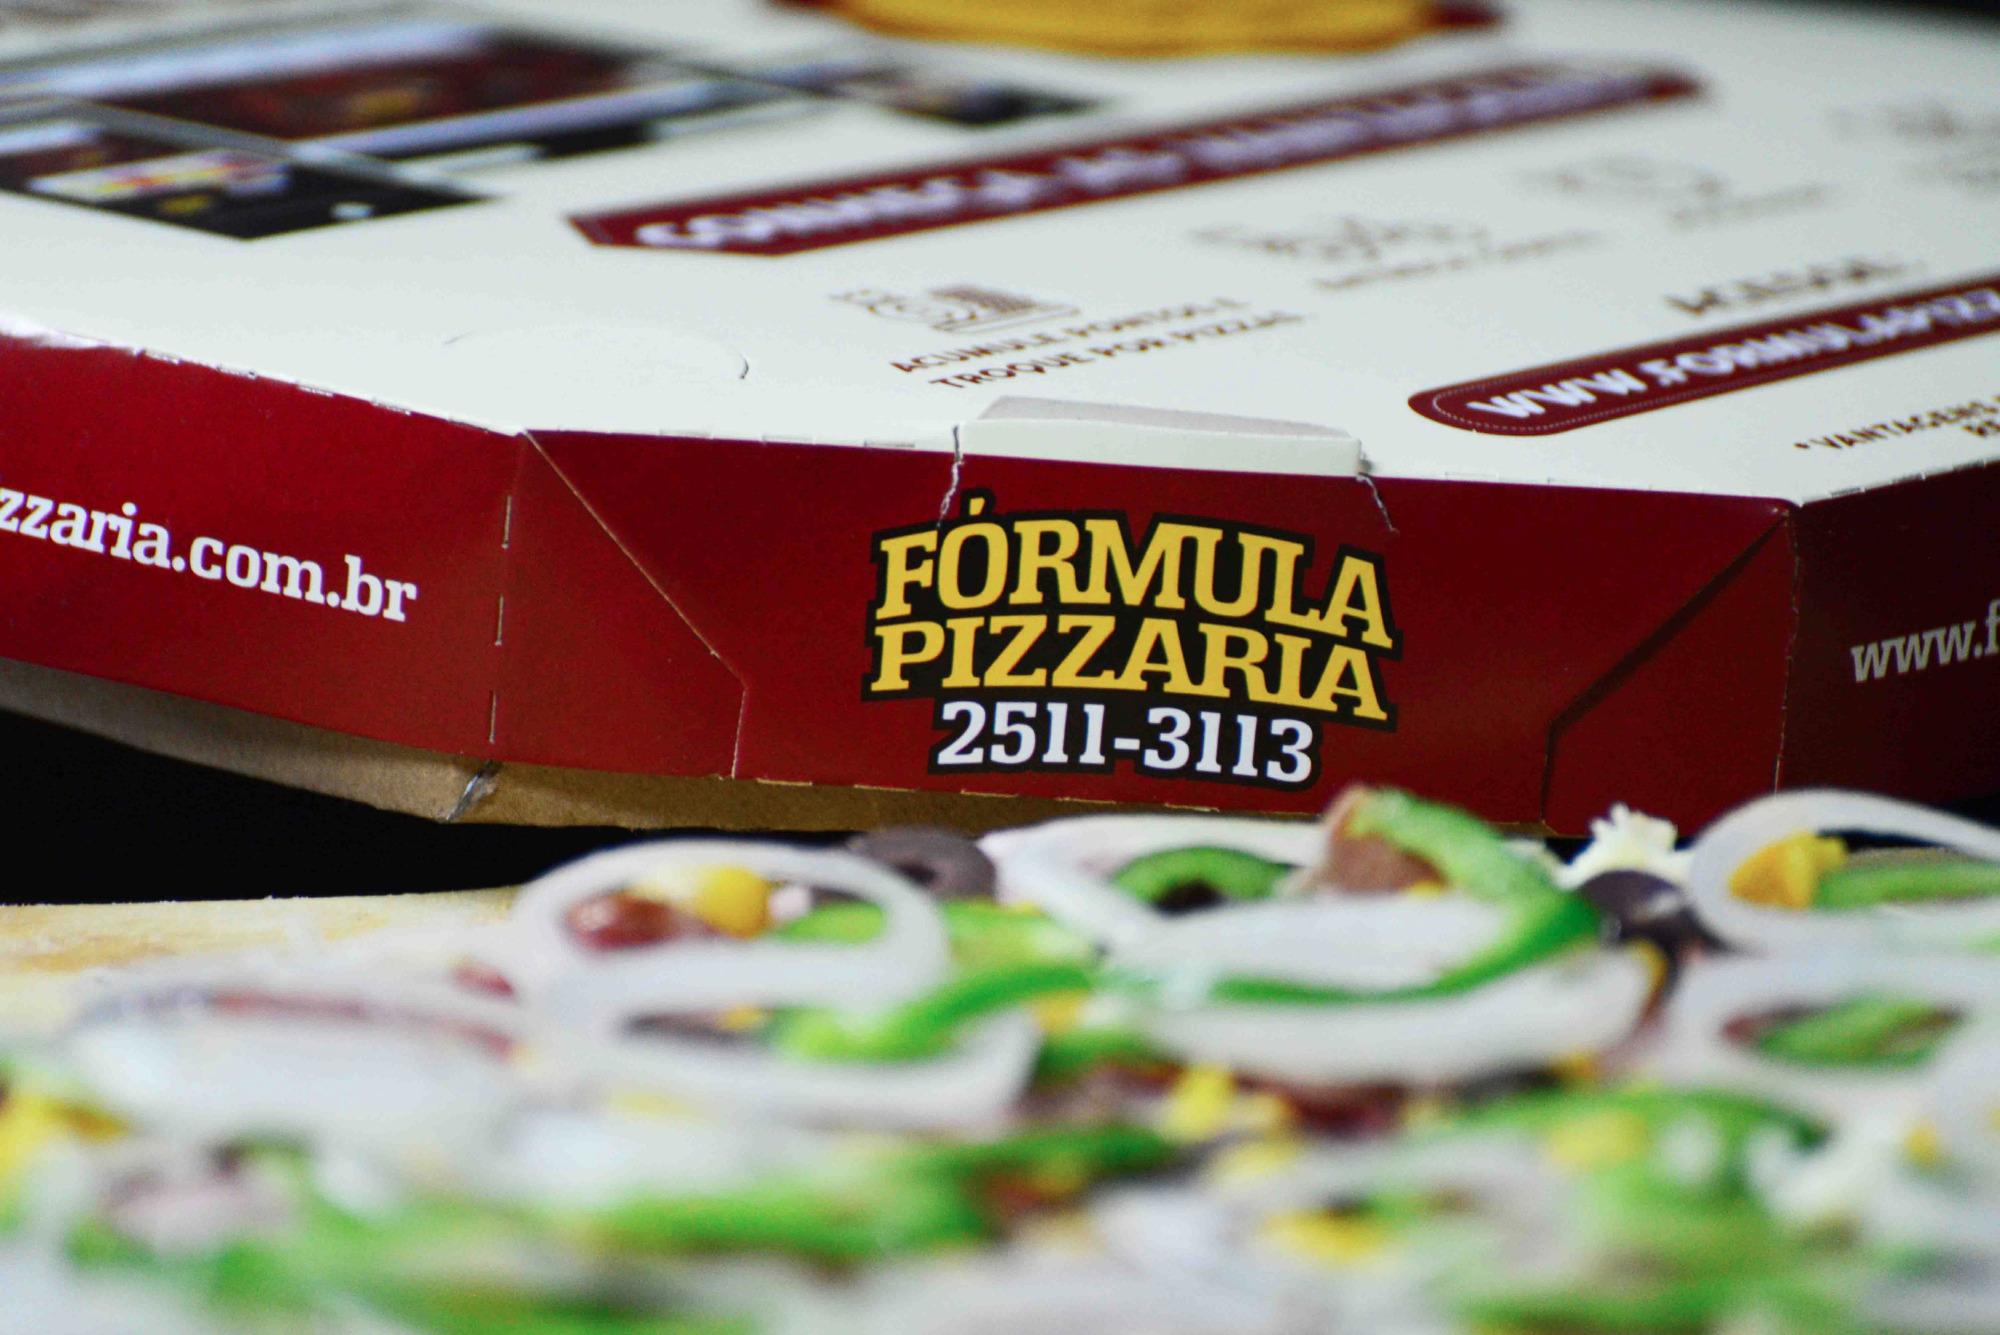 Franquia Fórmula Pizzaria: como se tornar um franqueado